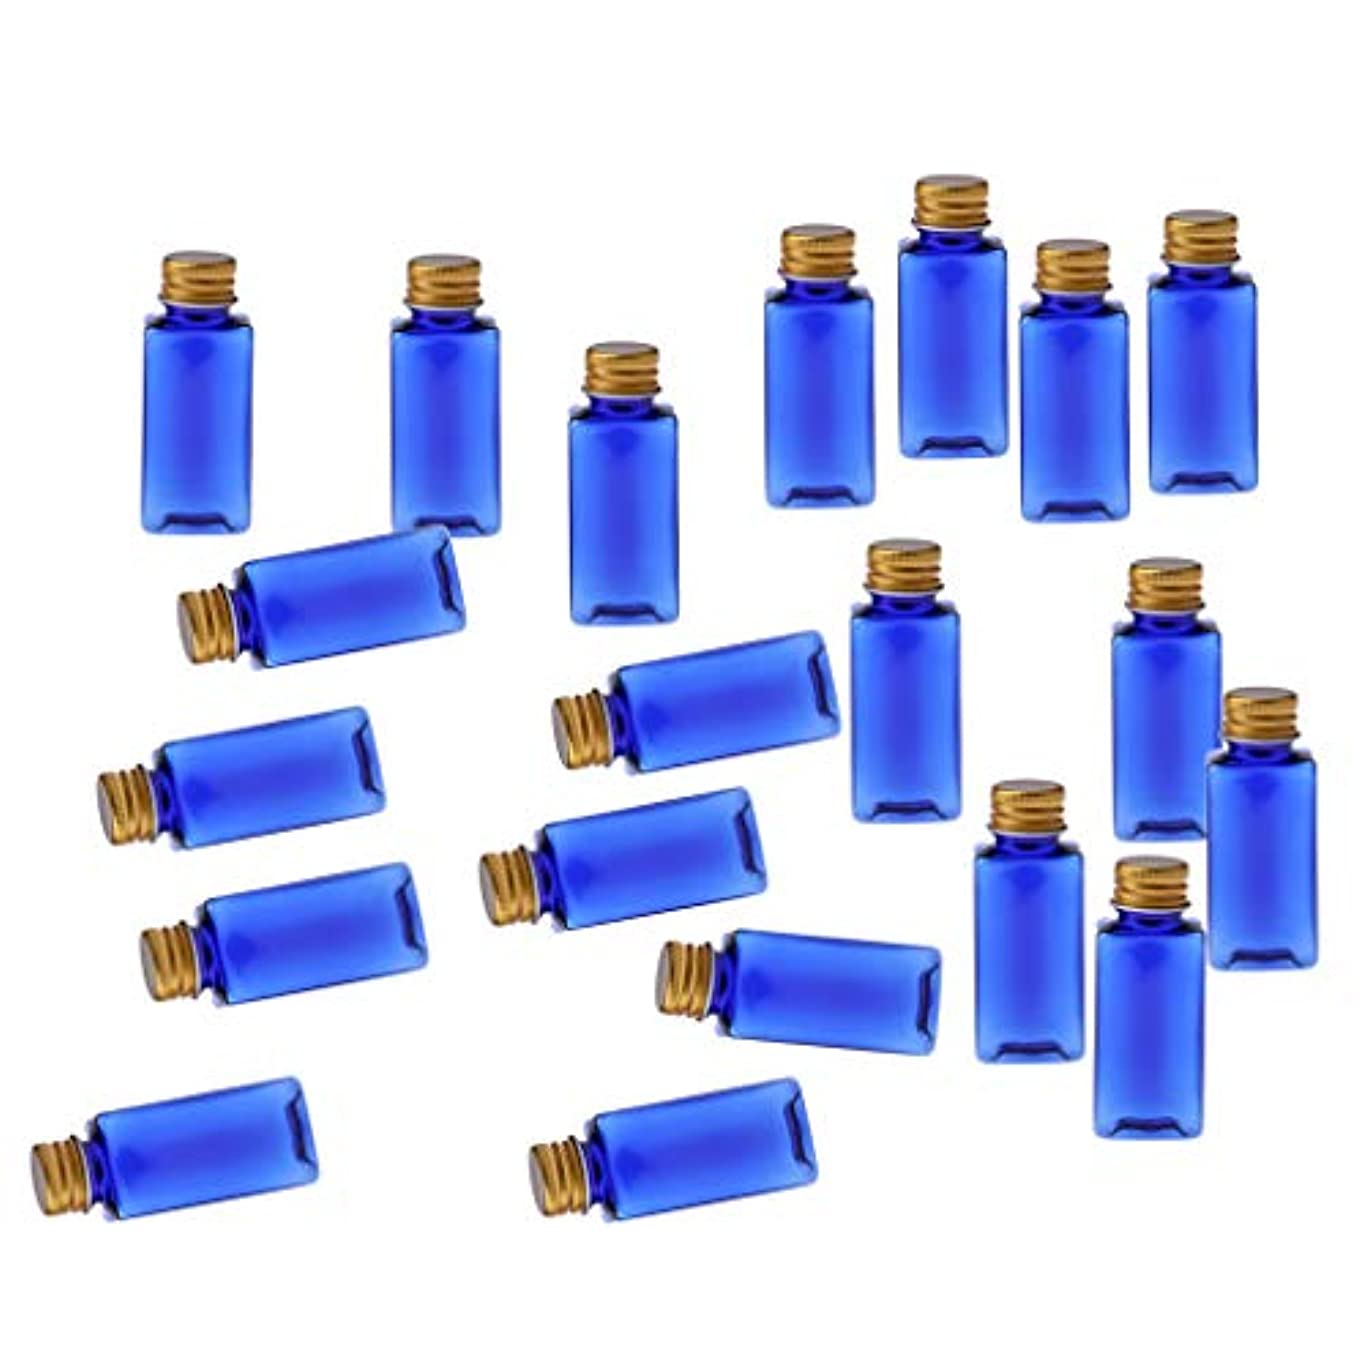 キャンドル安息コンパイル化粧ボトル 香水ボトル 液体化粧品 エッセンシャルオイル 香水 ボディオイル 20個入り - ブルーゴールド